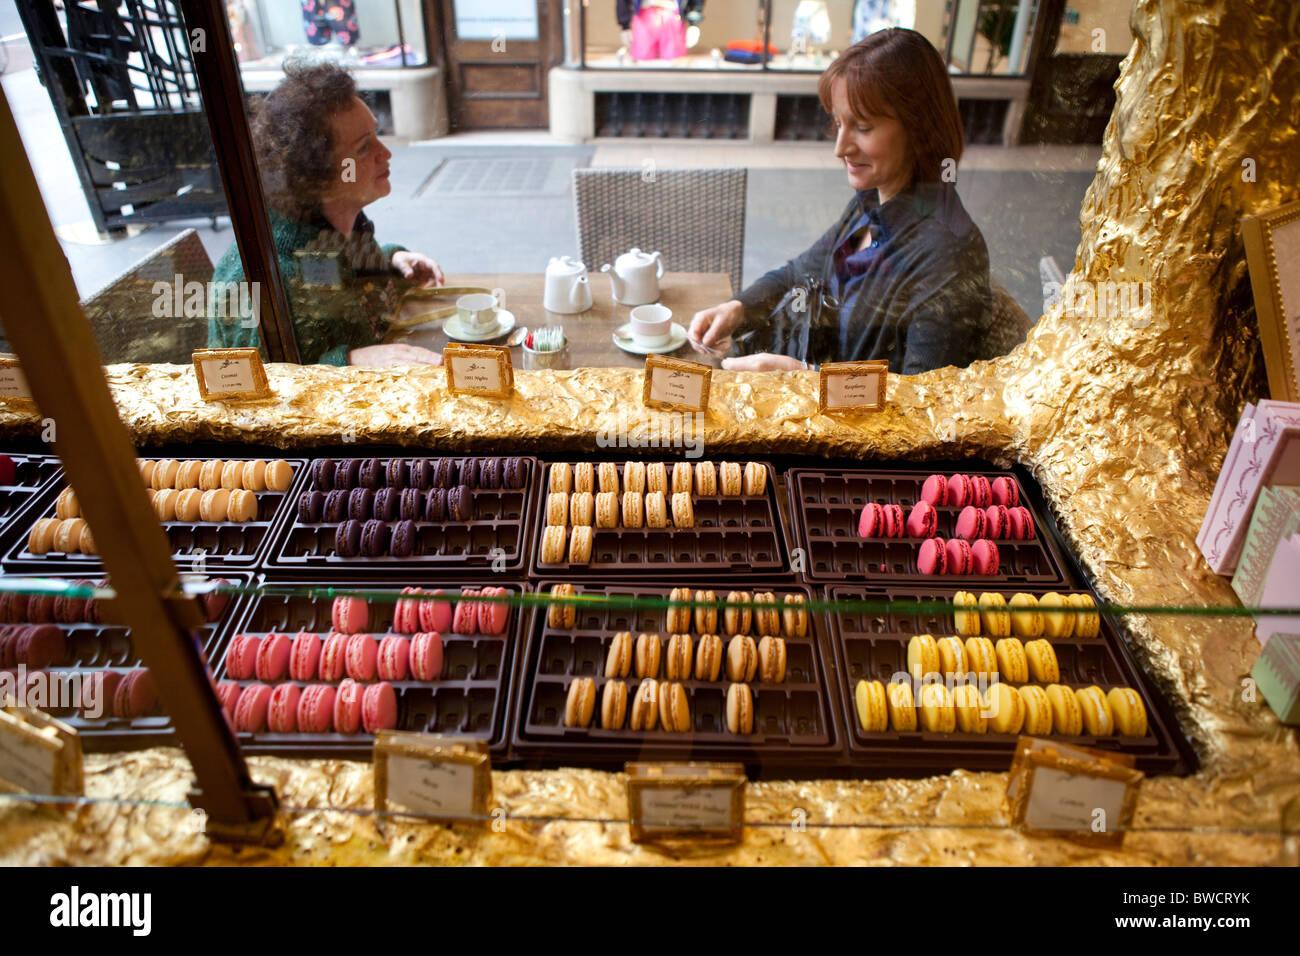 Laduree cake shop, in the Burlington Arcade, Mayfair, London. - Stock Image